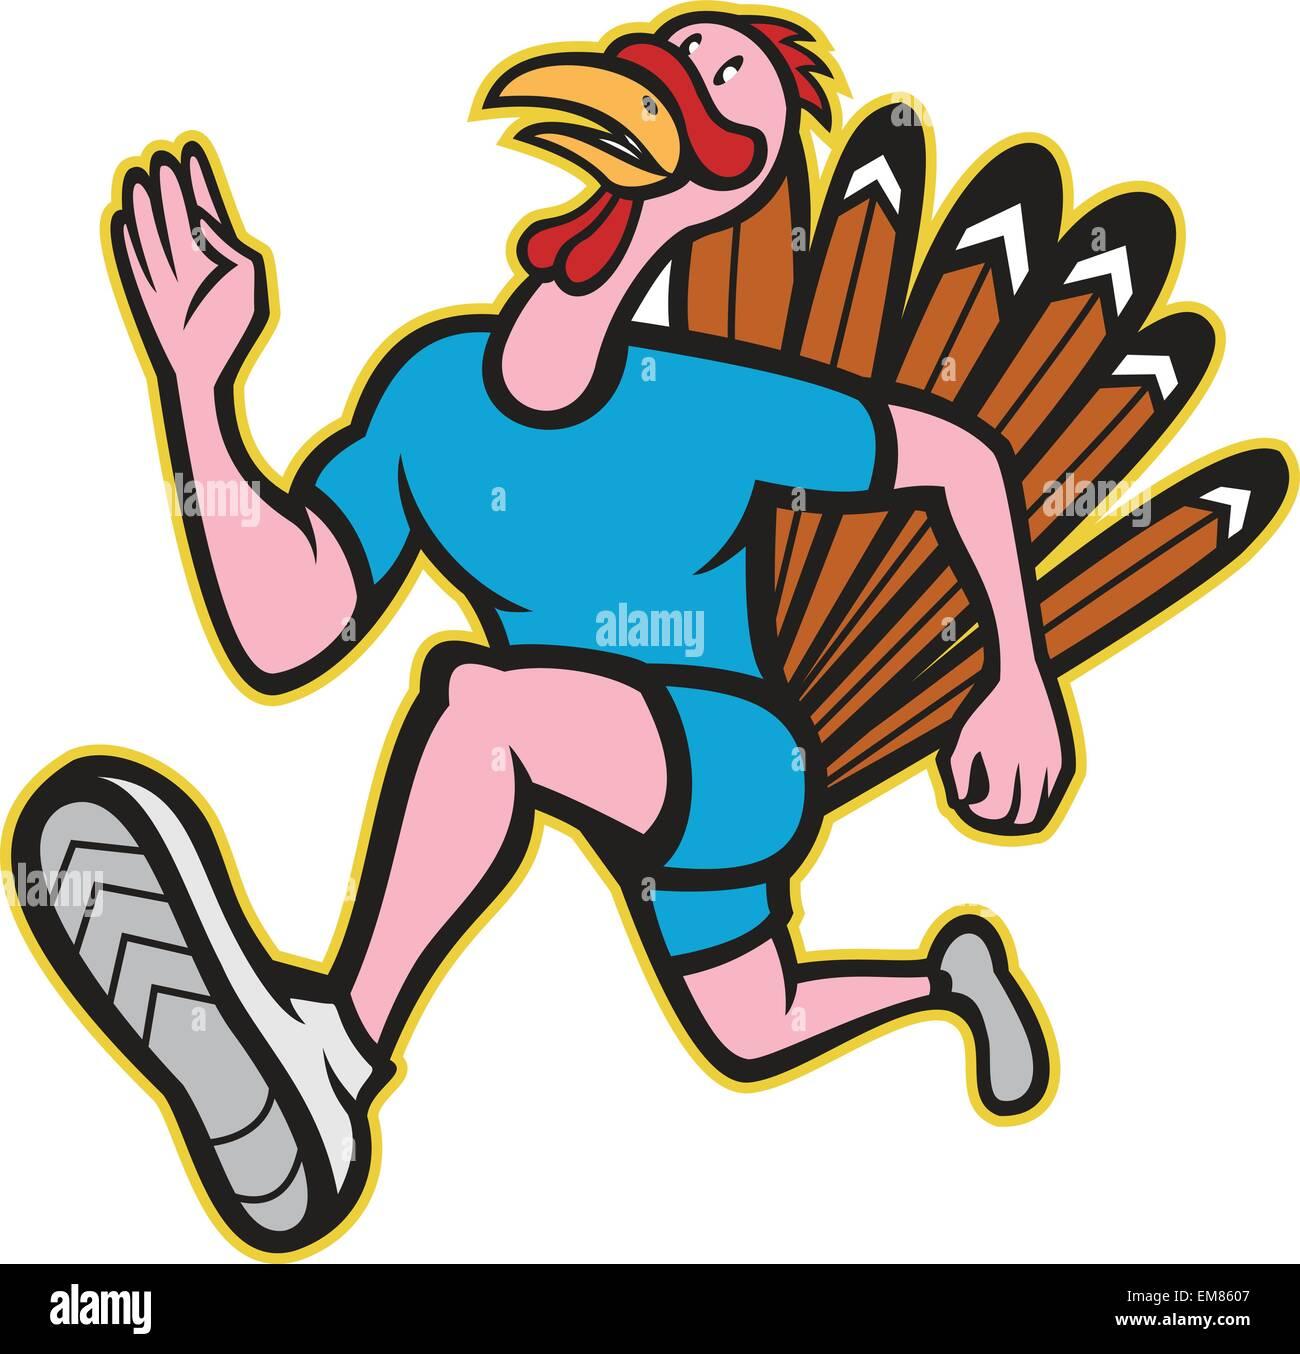 Wild Turkey Running Stock Photos & Wild Turkey Running Stock Images ...